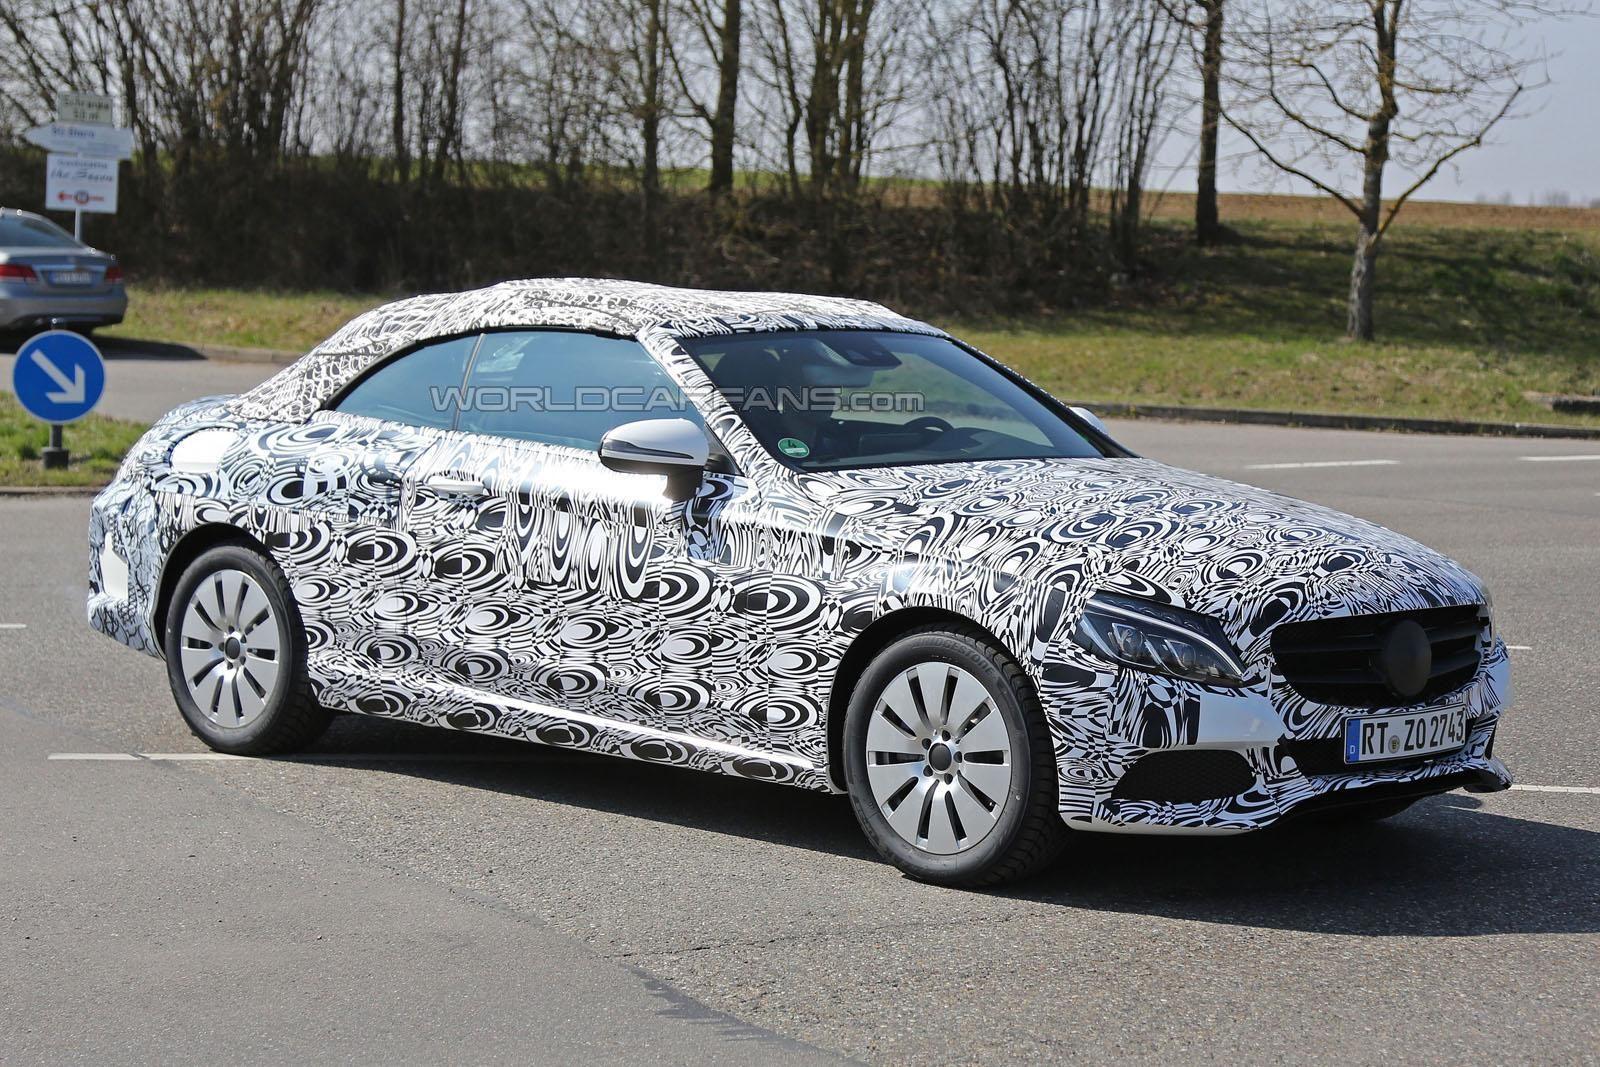 (DIVERSOS): Classe S Cabrio e Classe C Cabrio serão apresentadas no Salão de Frankfurt C-class-and-s-class-cabriolet